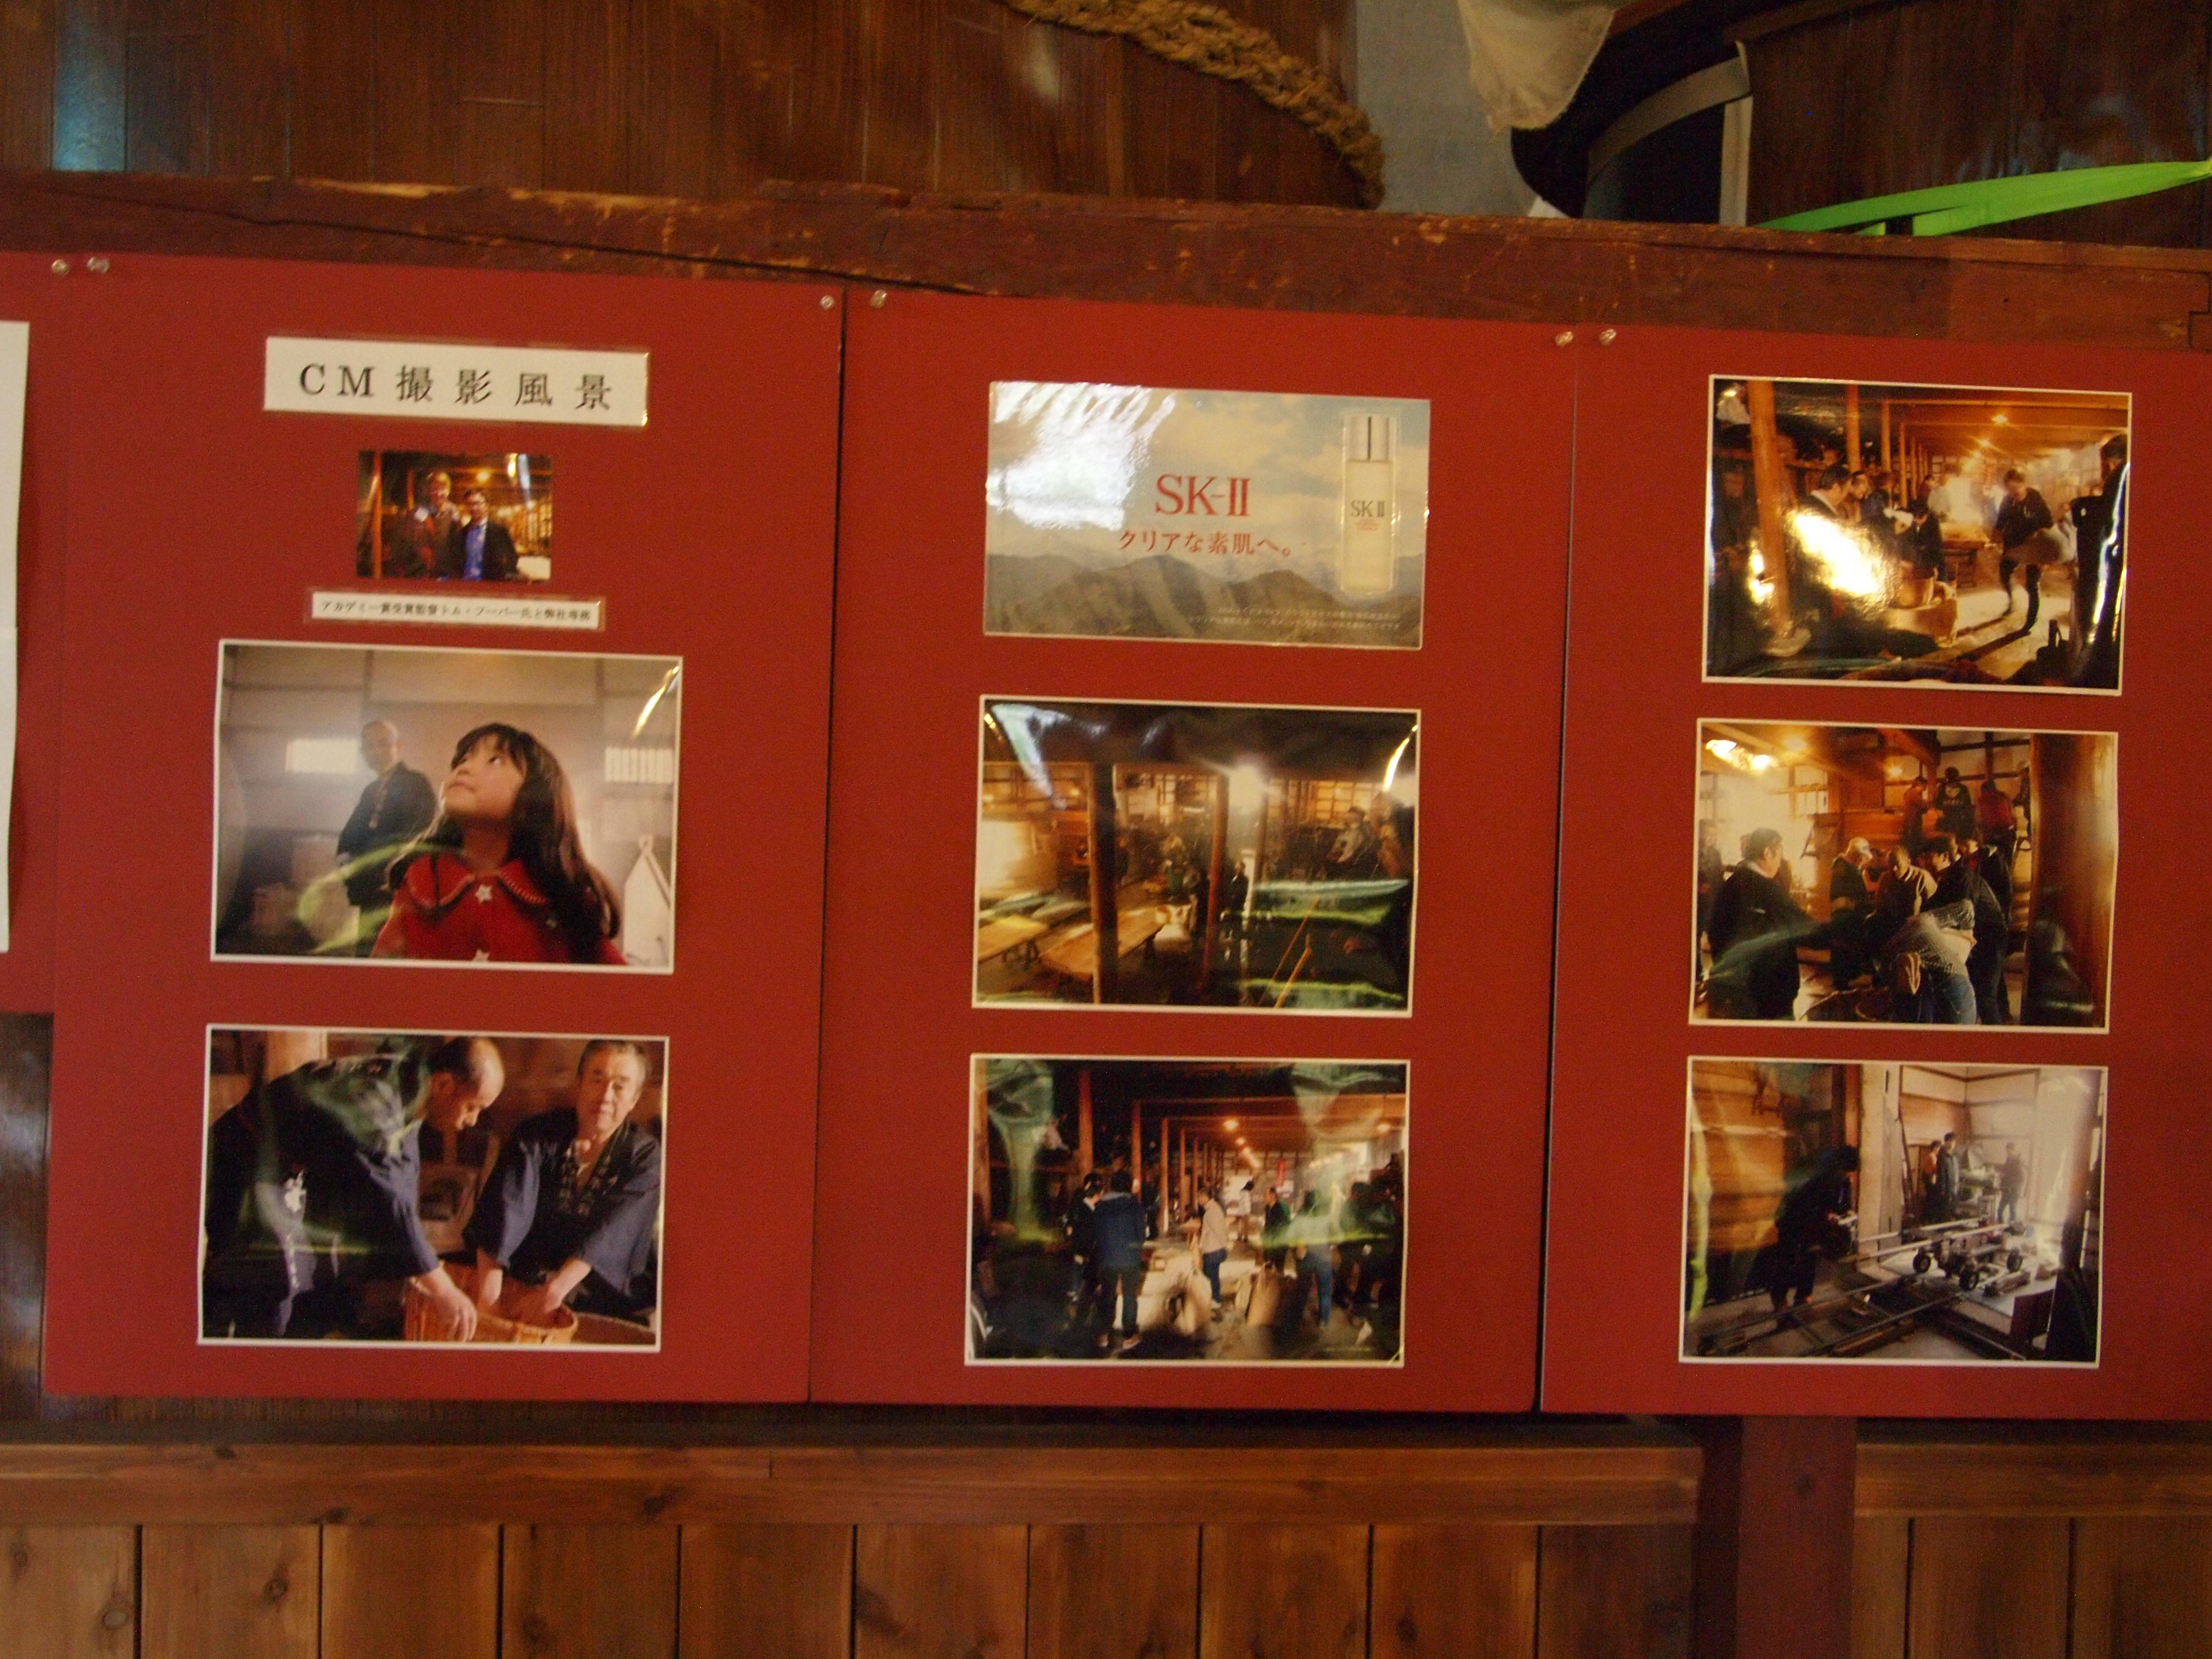 去年四月份知名日本保养品牌SK-II曾在这里拍摄广告,相信许多人也都曾在电视上看过这熟悉的场景。